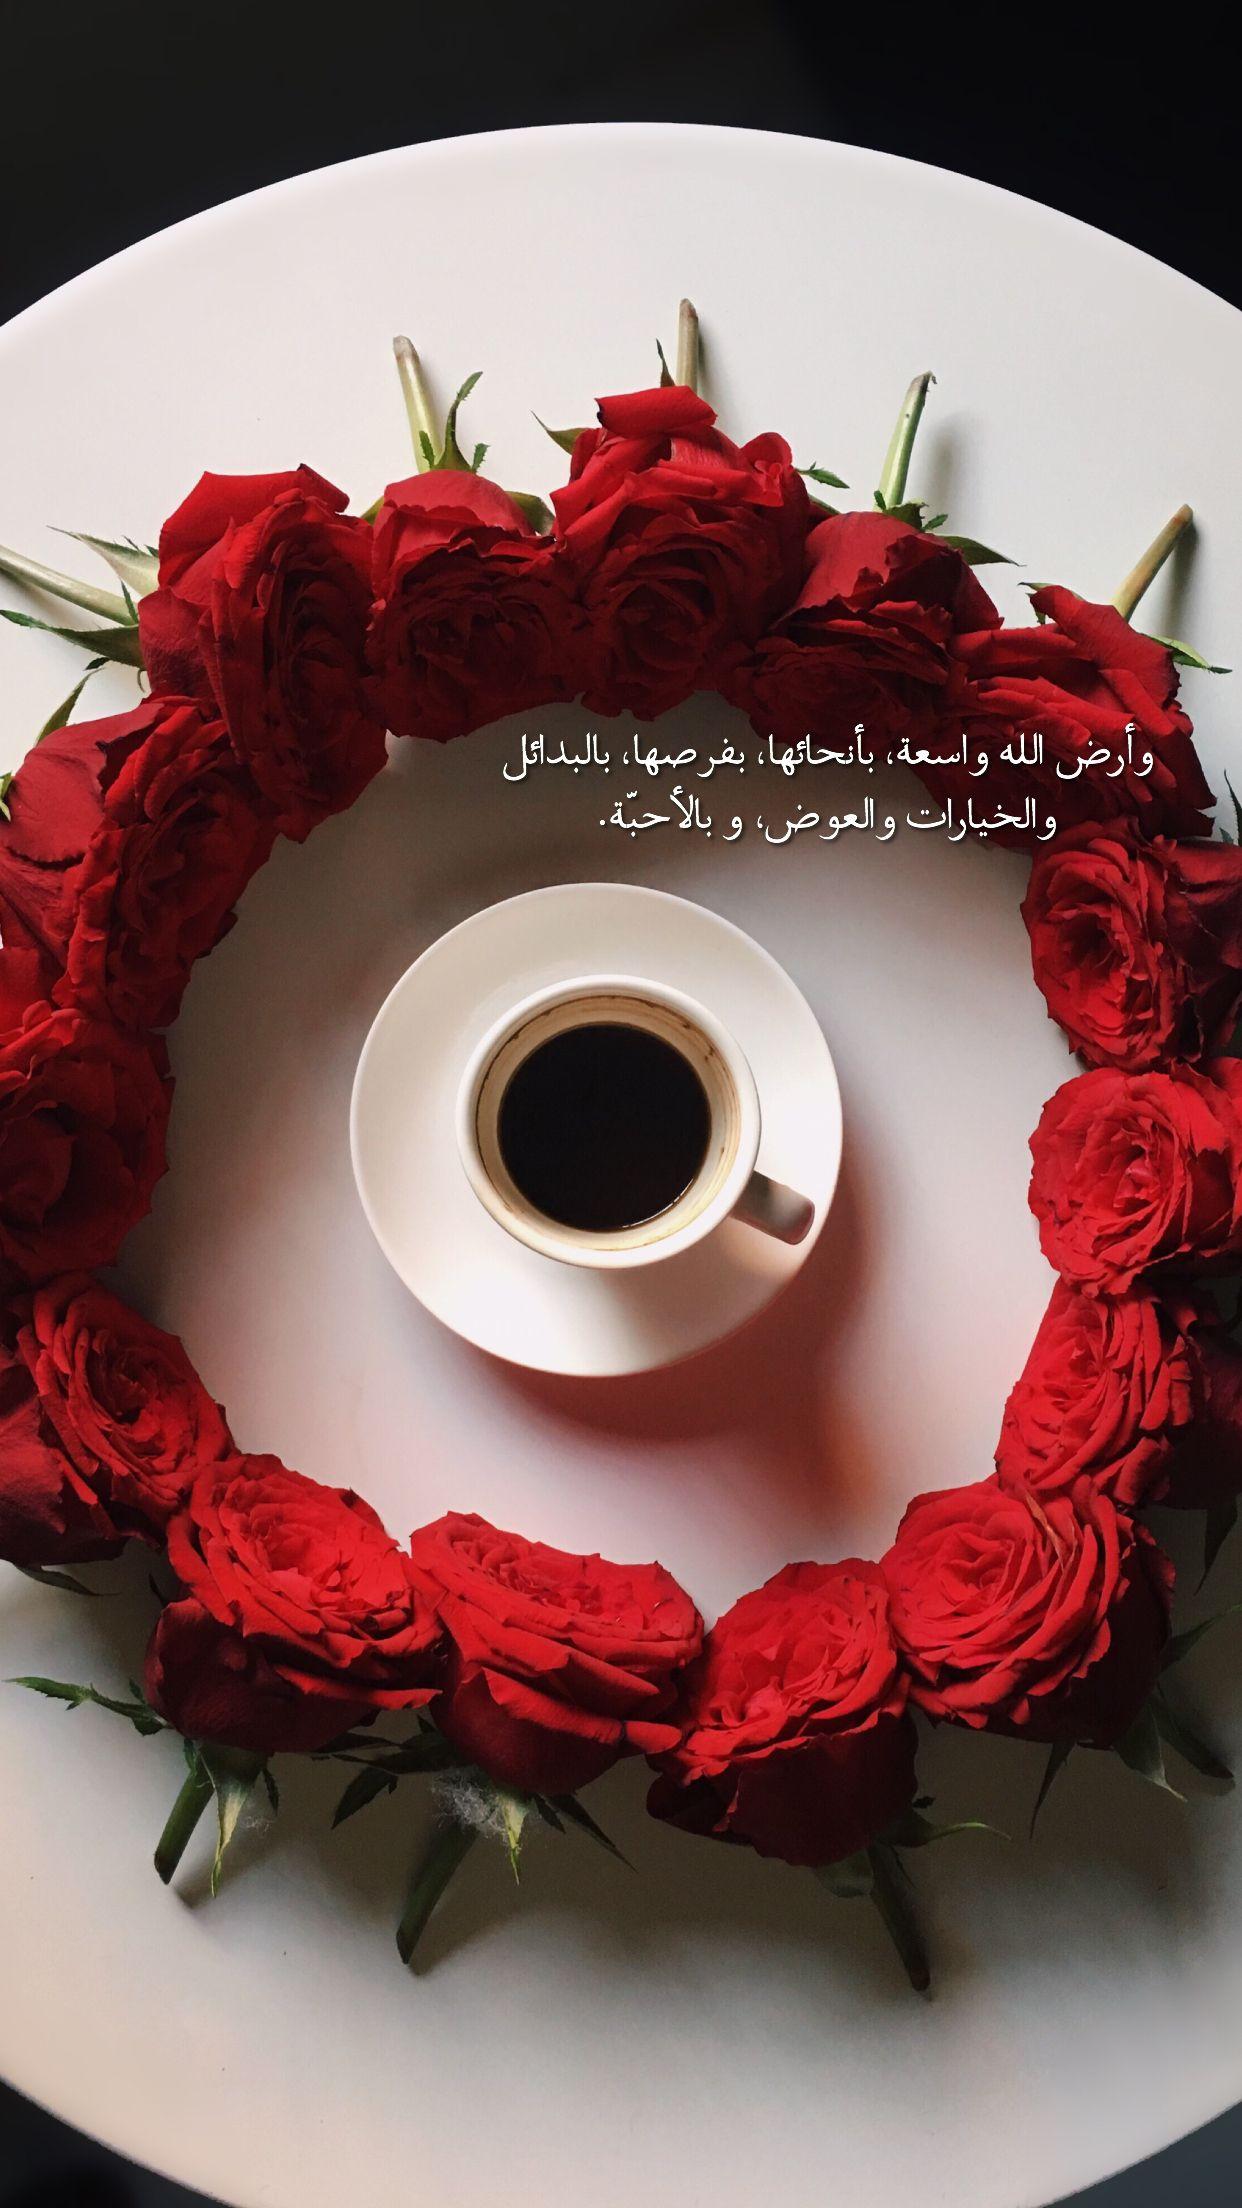 Pin by iosh on قهوة قهوتي قهوة_الصباح coffee Emoji